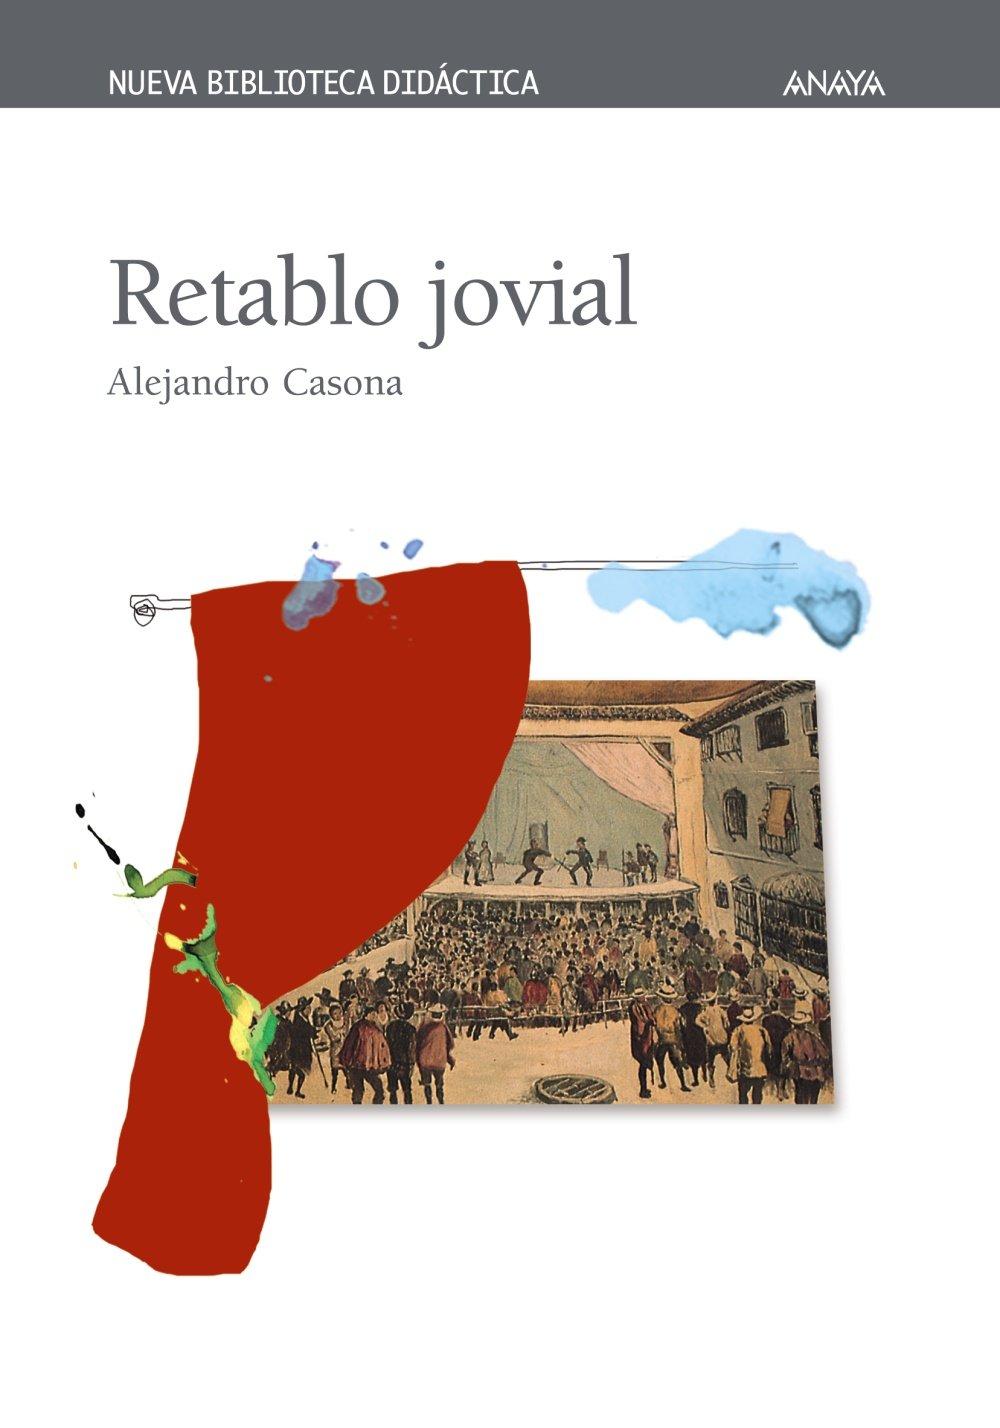 Retablo jovial (Clásicos - Nueva Biblioteca Didáctica) Tapa blanda – 27 nov 2006 Alejandro Casona José María Ponce ANAYA INFANTIL Y JUVENIL 8466706224